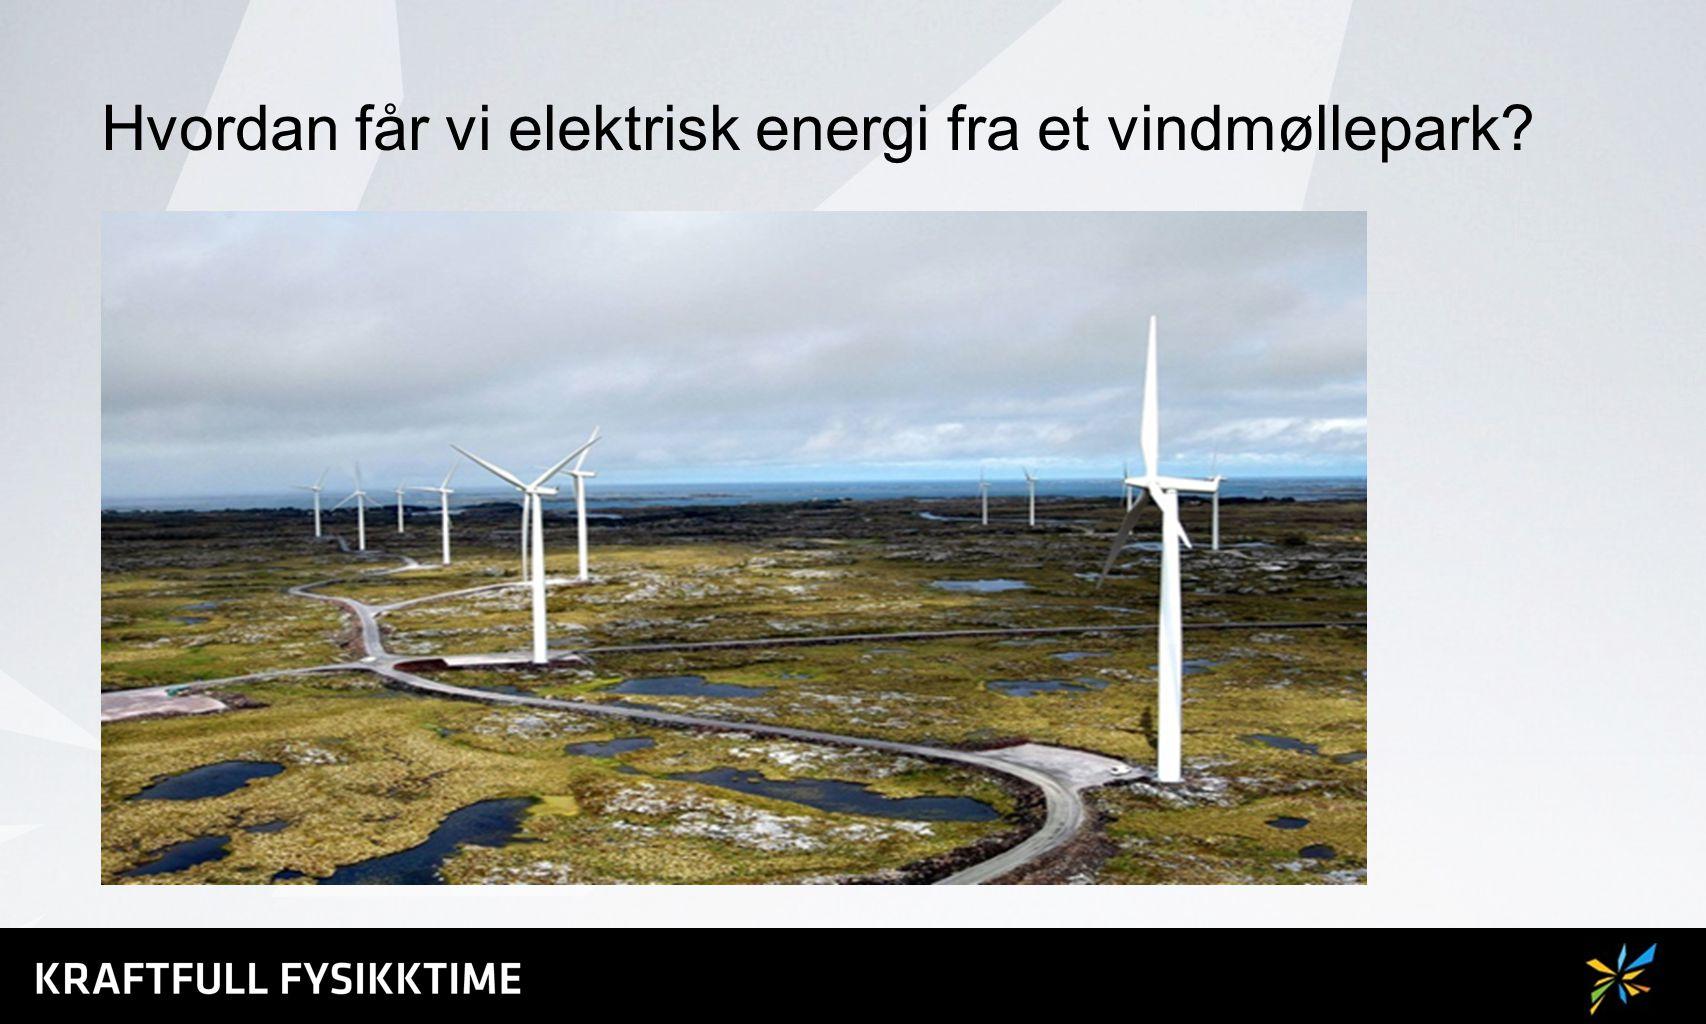 Hvordan får vi elektrisk energi fra et vindmøllepark?